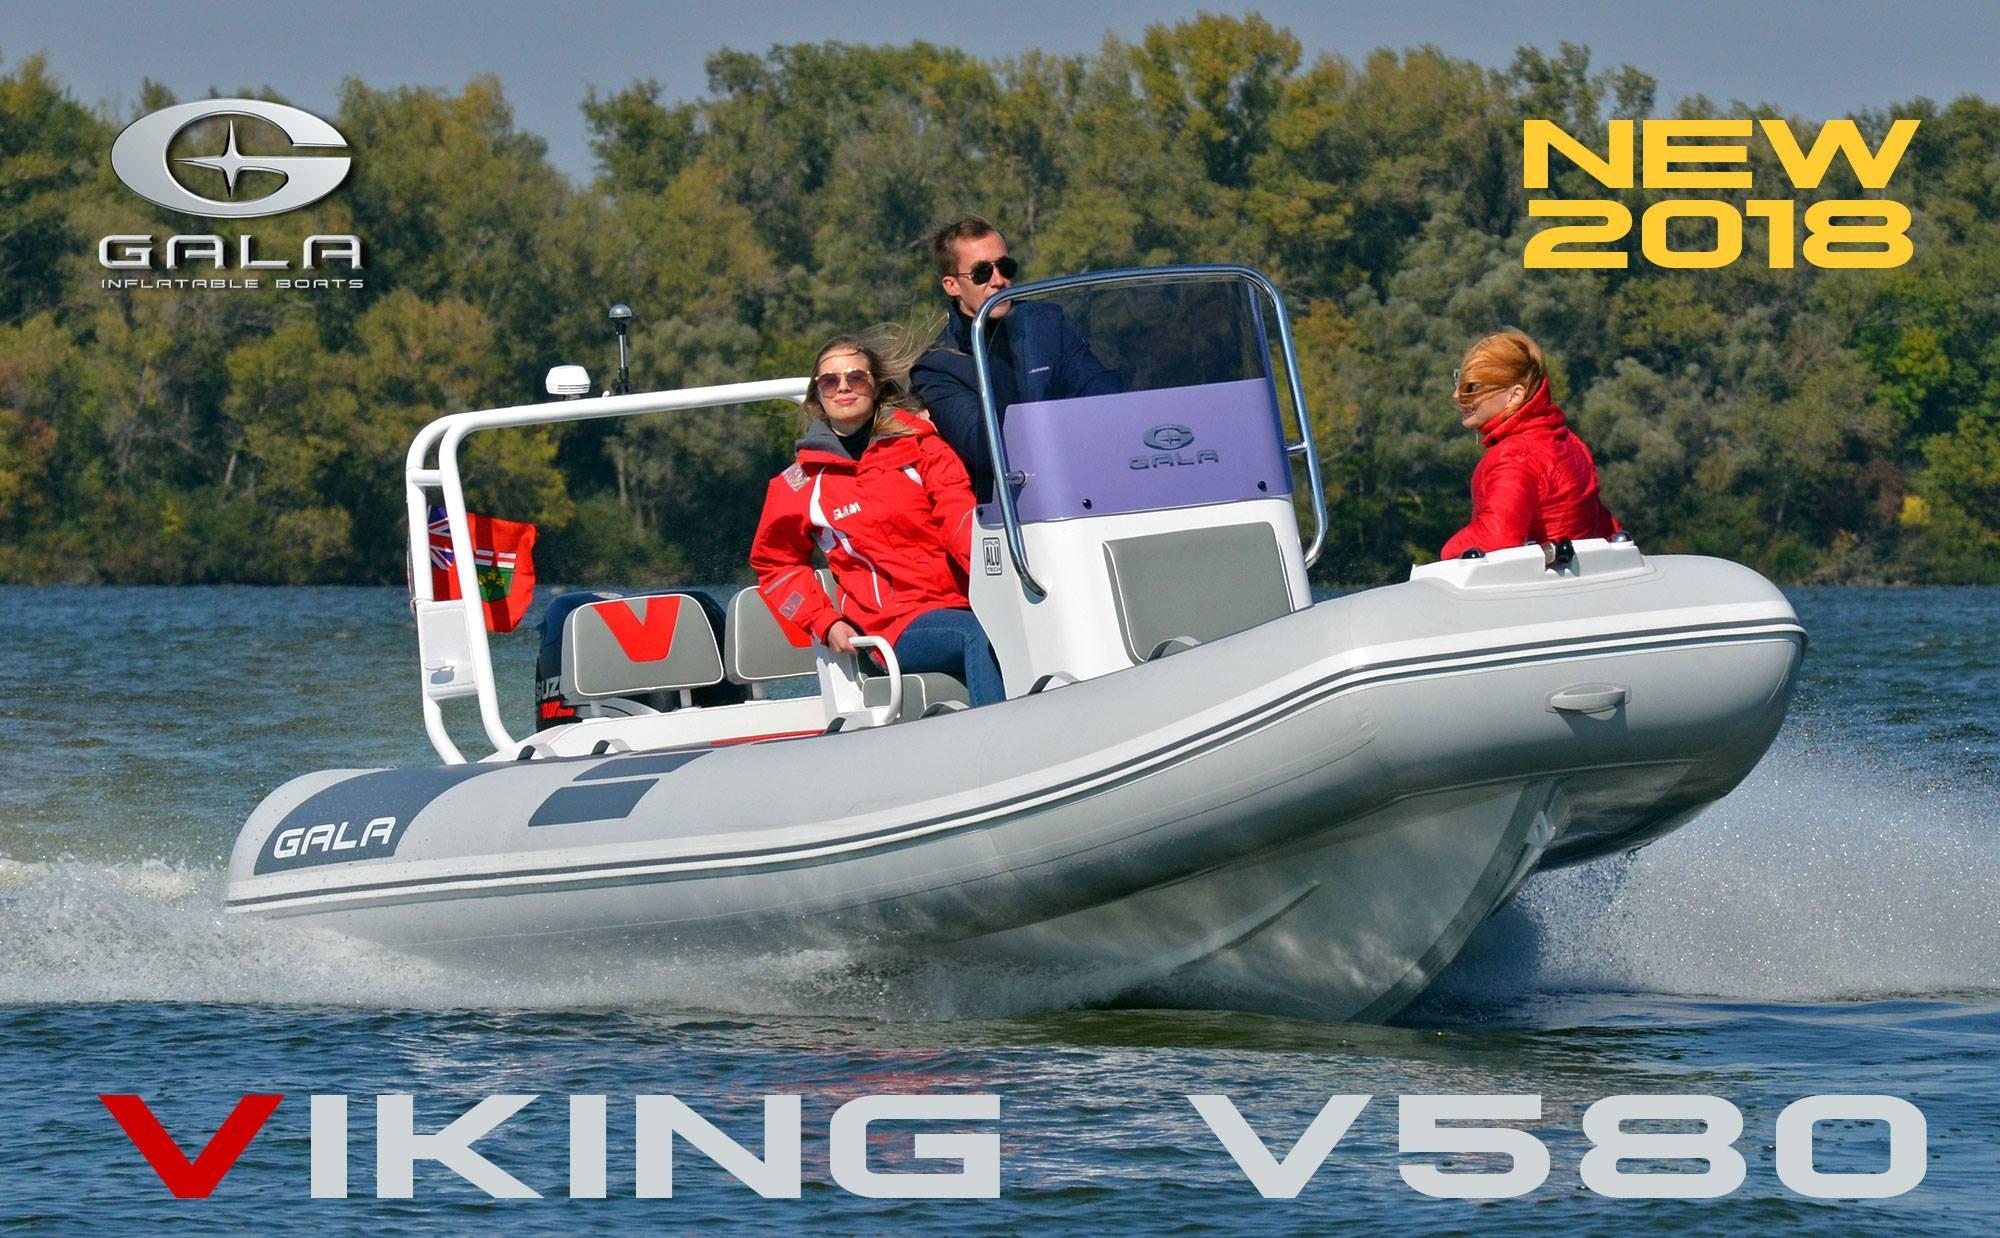 Viking V580-74767